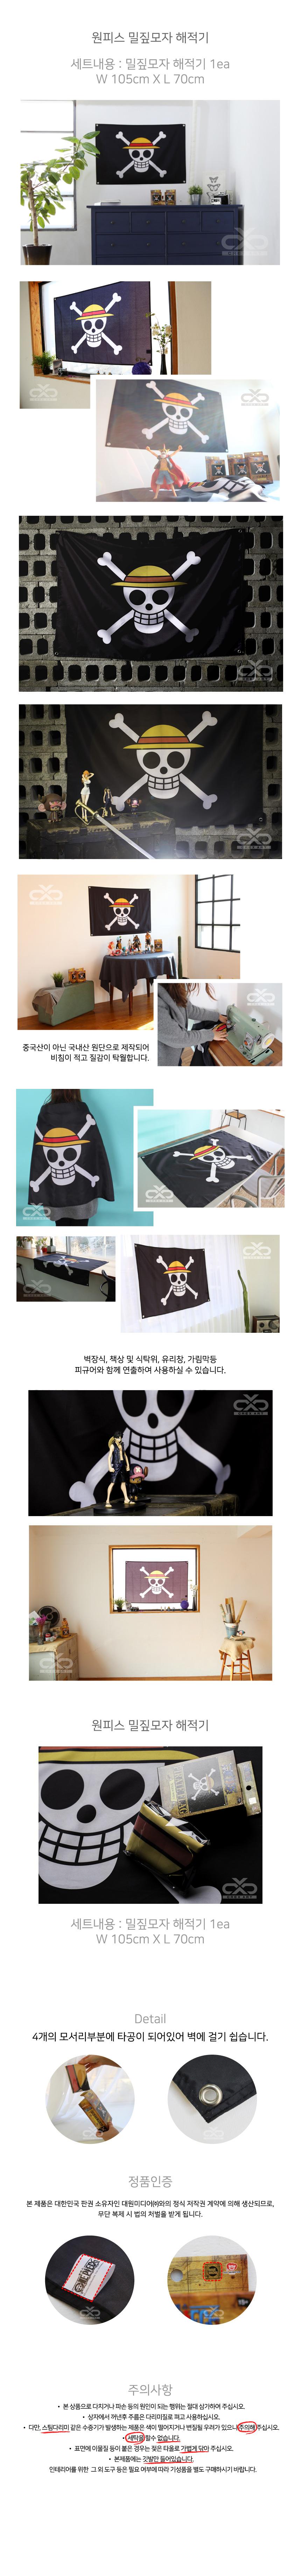 원피스 해적깃발 밀짚모자 해적기 - 제이앤제이, 24,000원, 아이디어 상품, 아이디어 상품